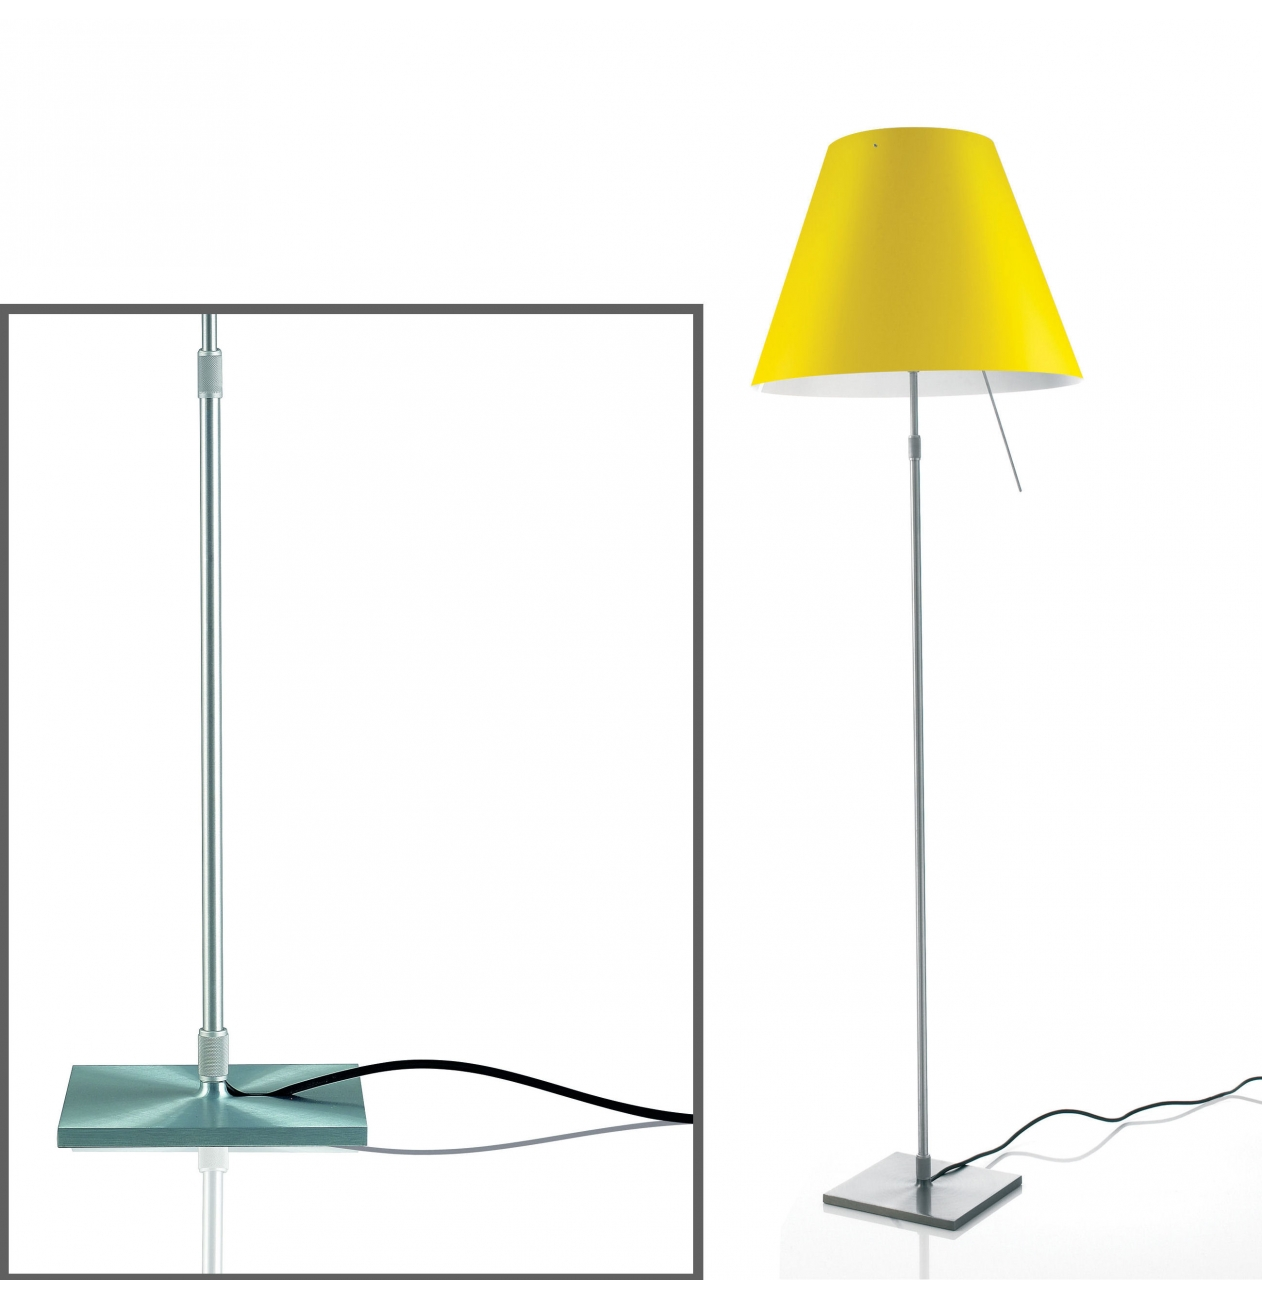 Luceplan vloerlamp costanza on off aluminium gekleurde kappen versteeg lichtstudio - Costanza vloerlamp ...